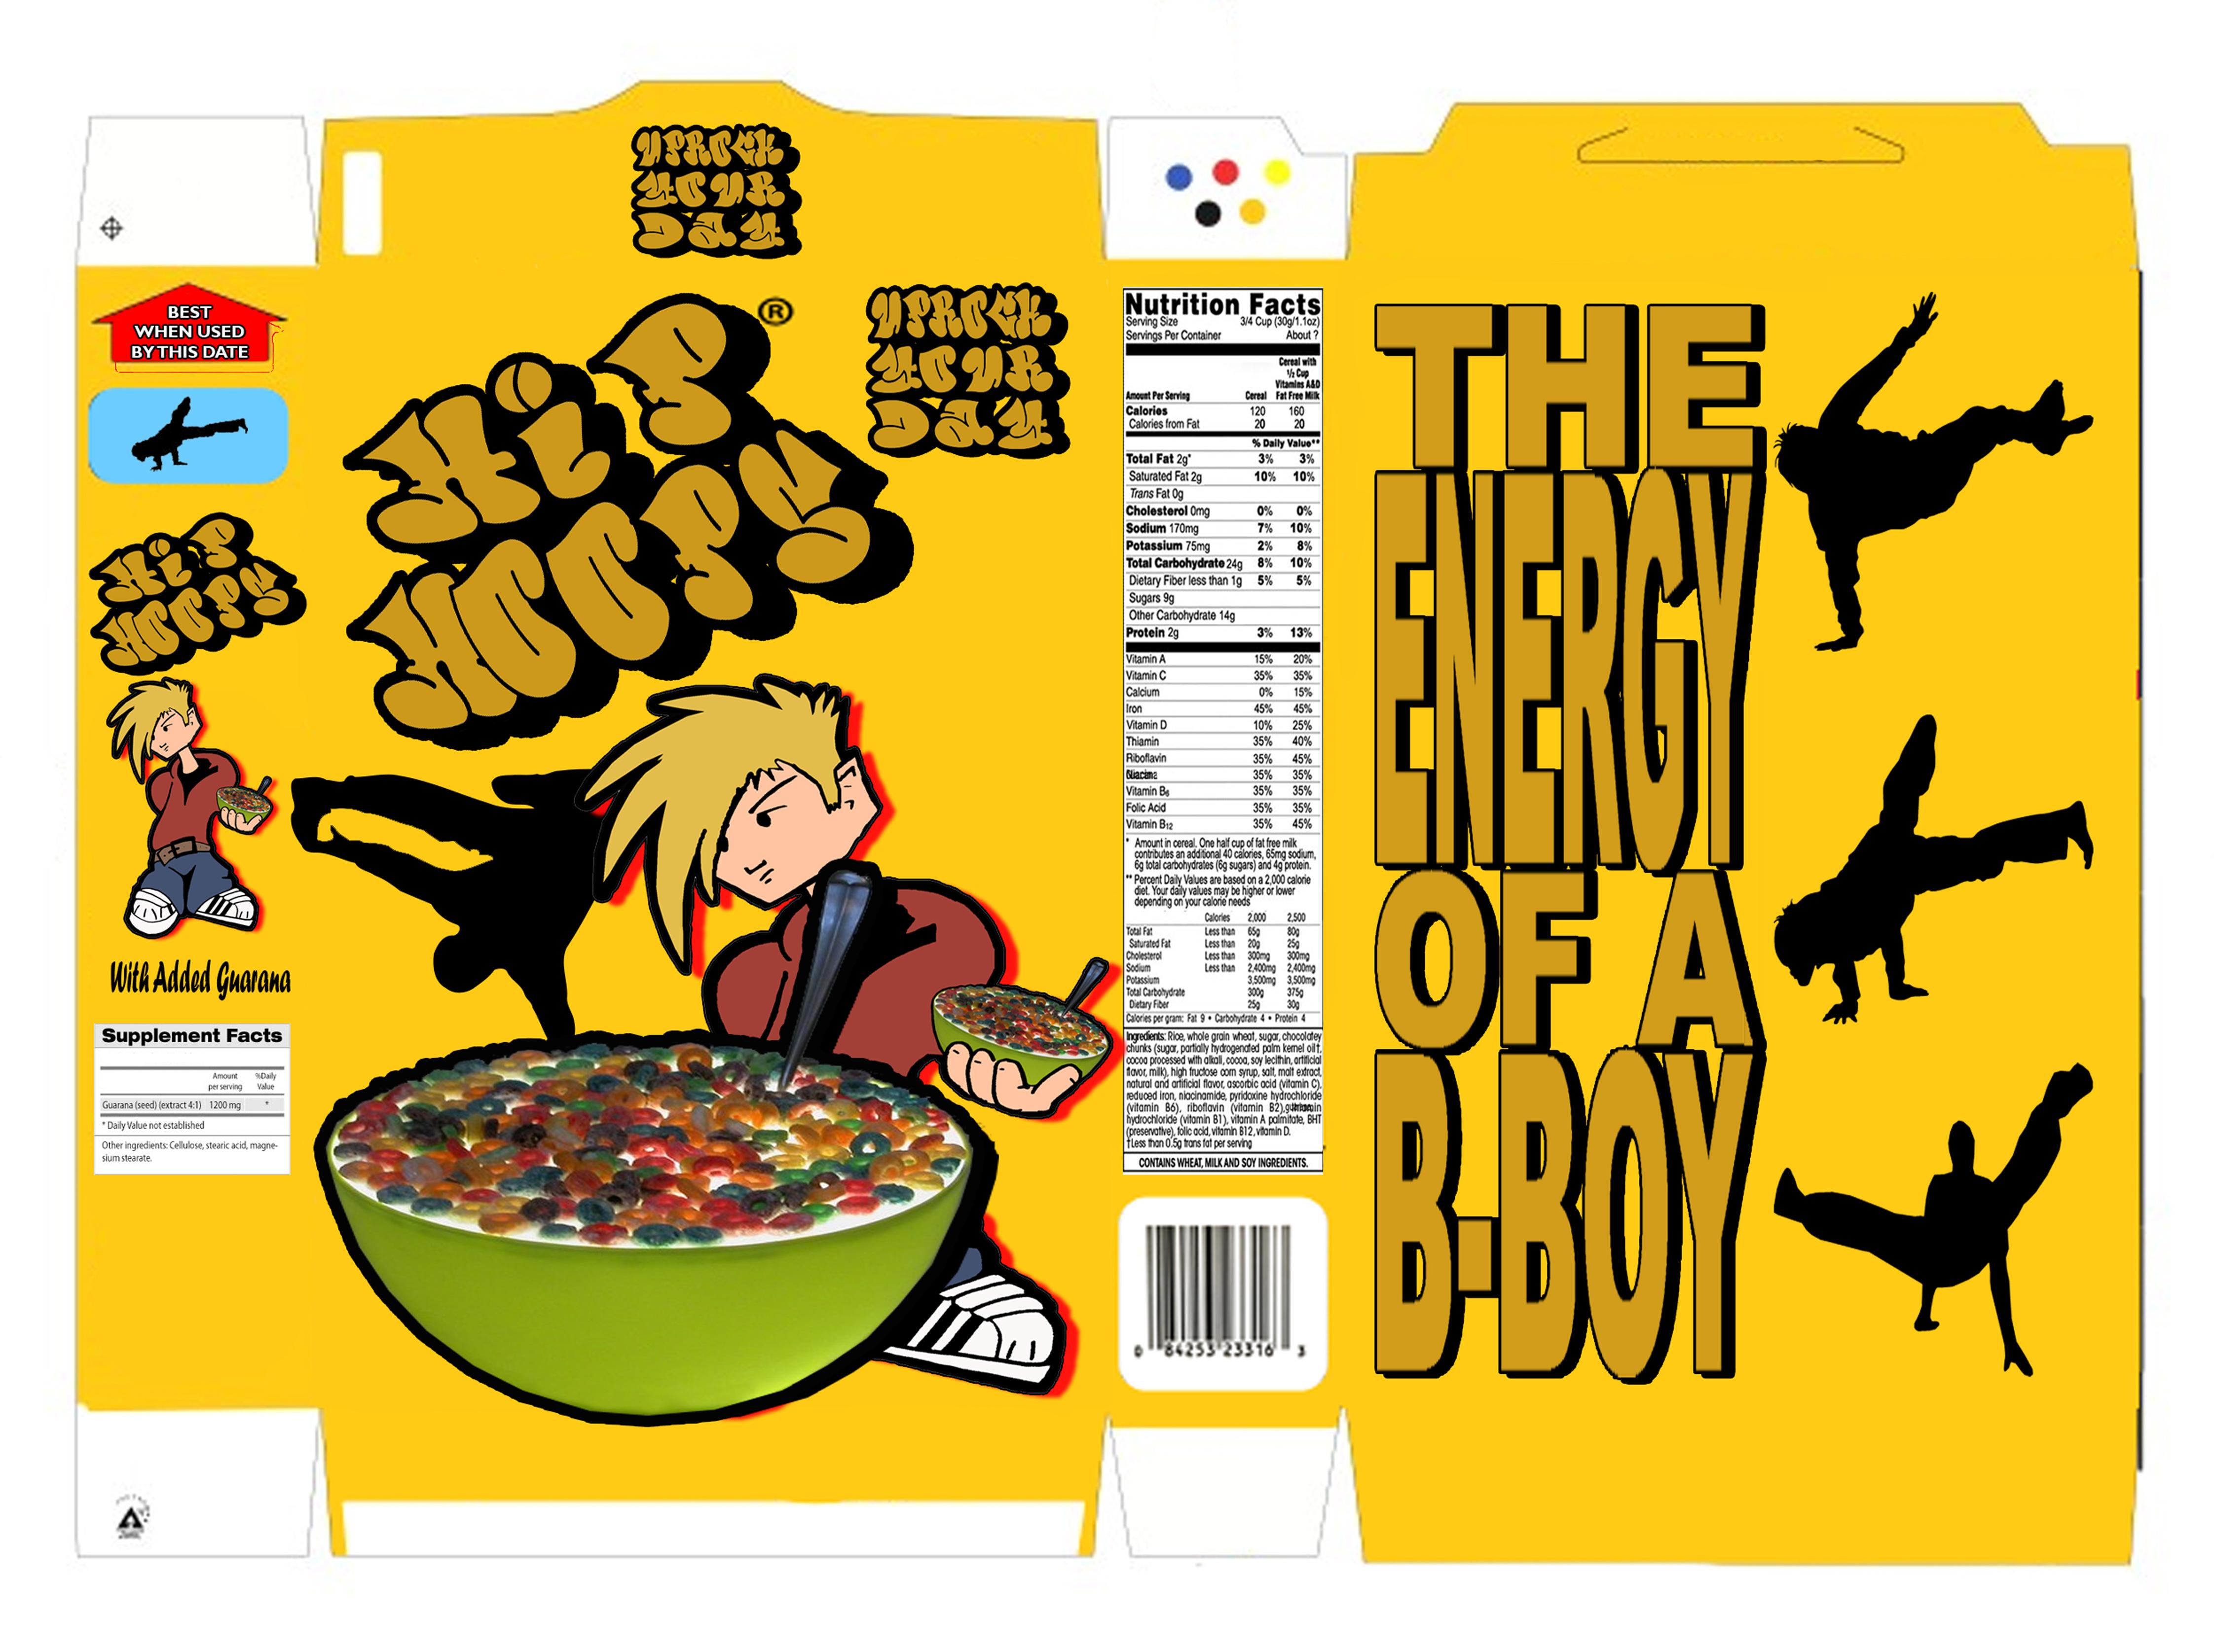 4488x3349 Cereal Box Hip Hoops. Kash1985's Weblog